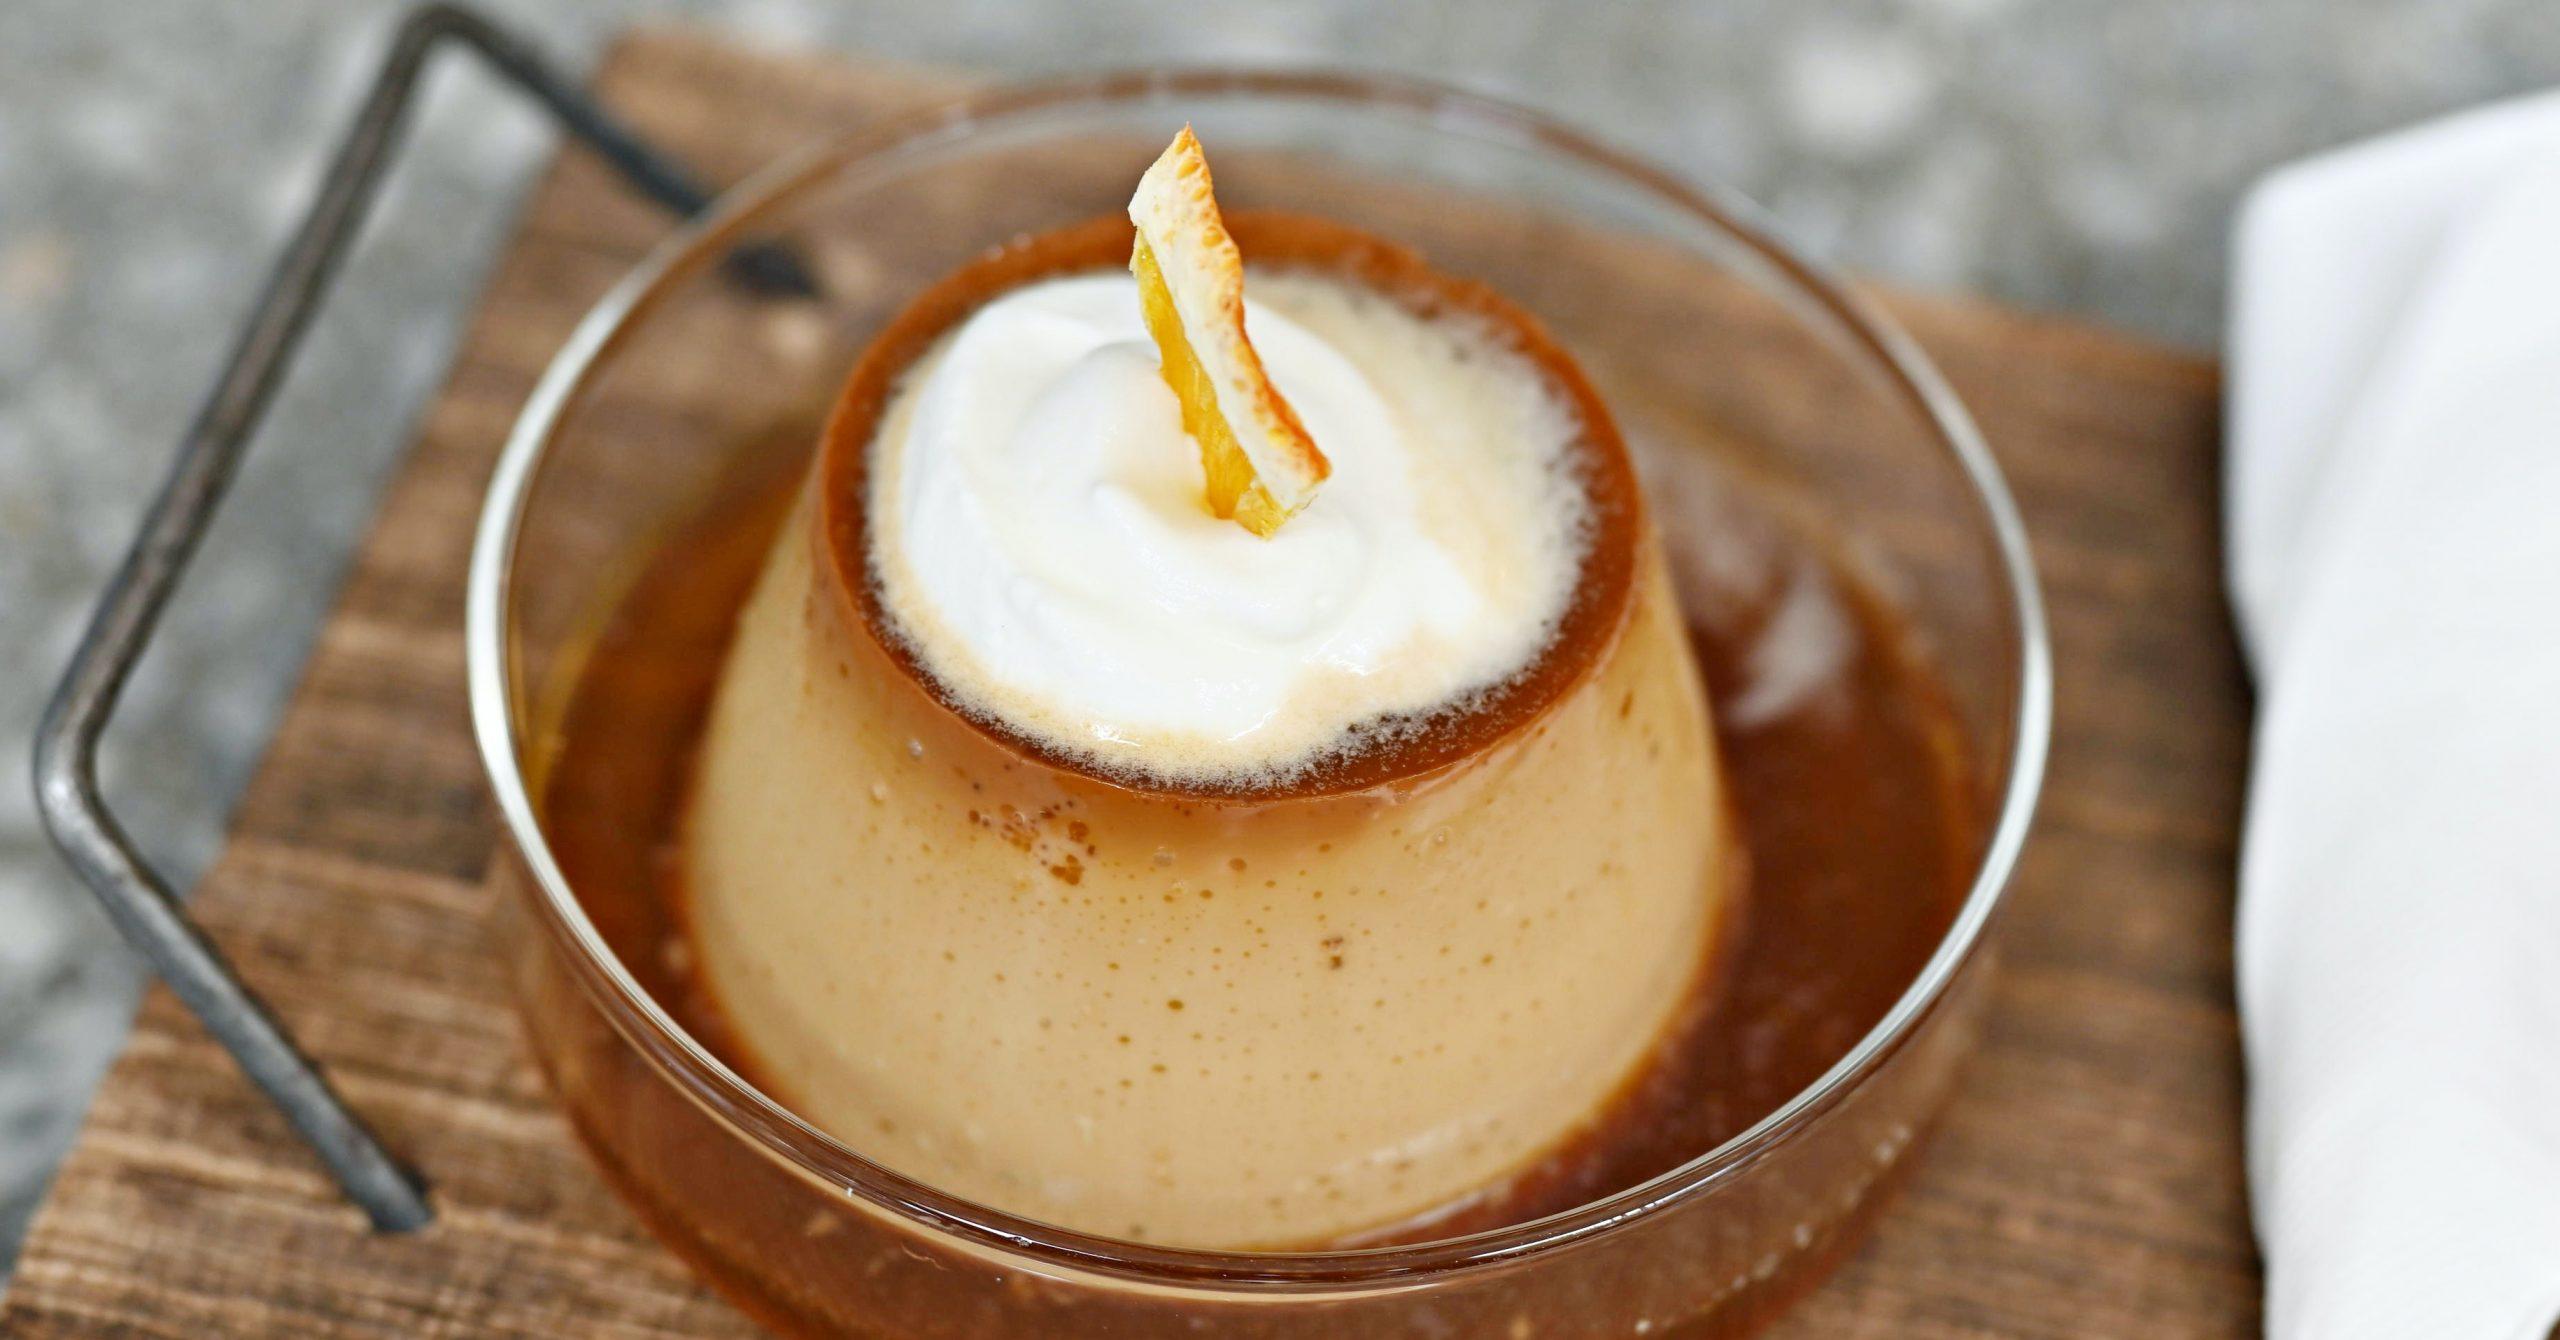 即時熱門文章:【雙連美食】BEAN BARN 豆荒良倉,布丁跟咖啡都很棒